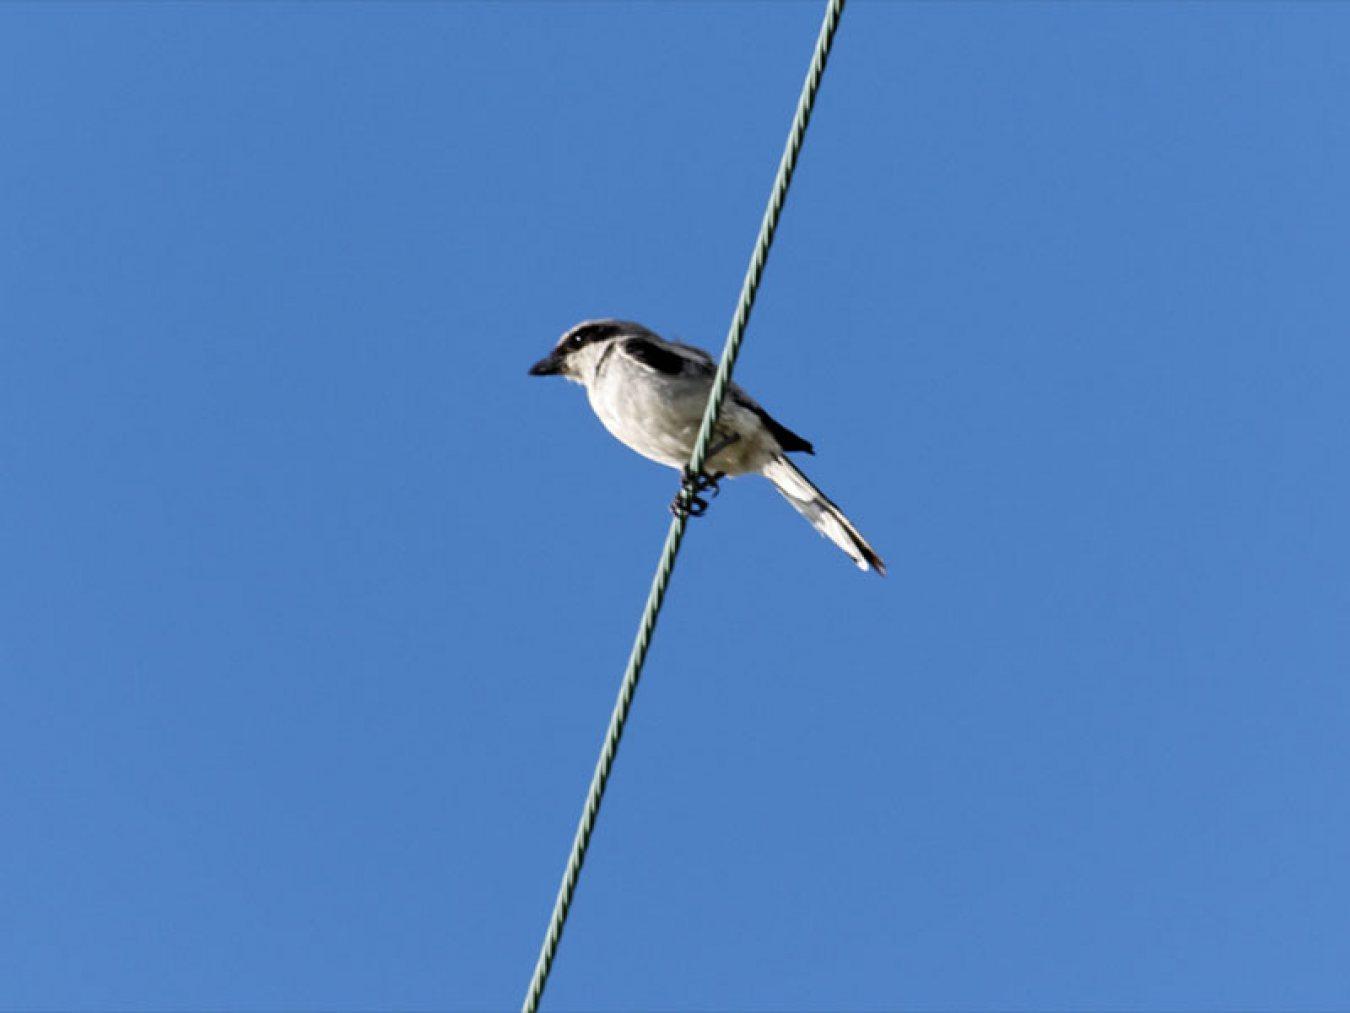 Loggerhead Shrike by Mary Halligan